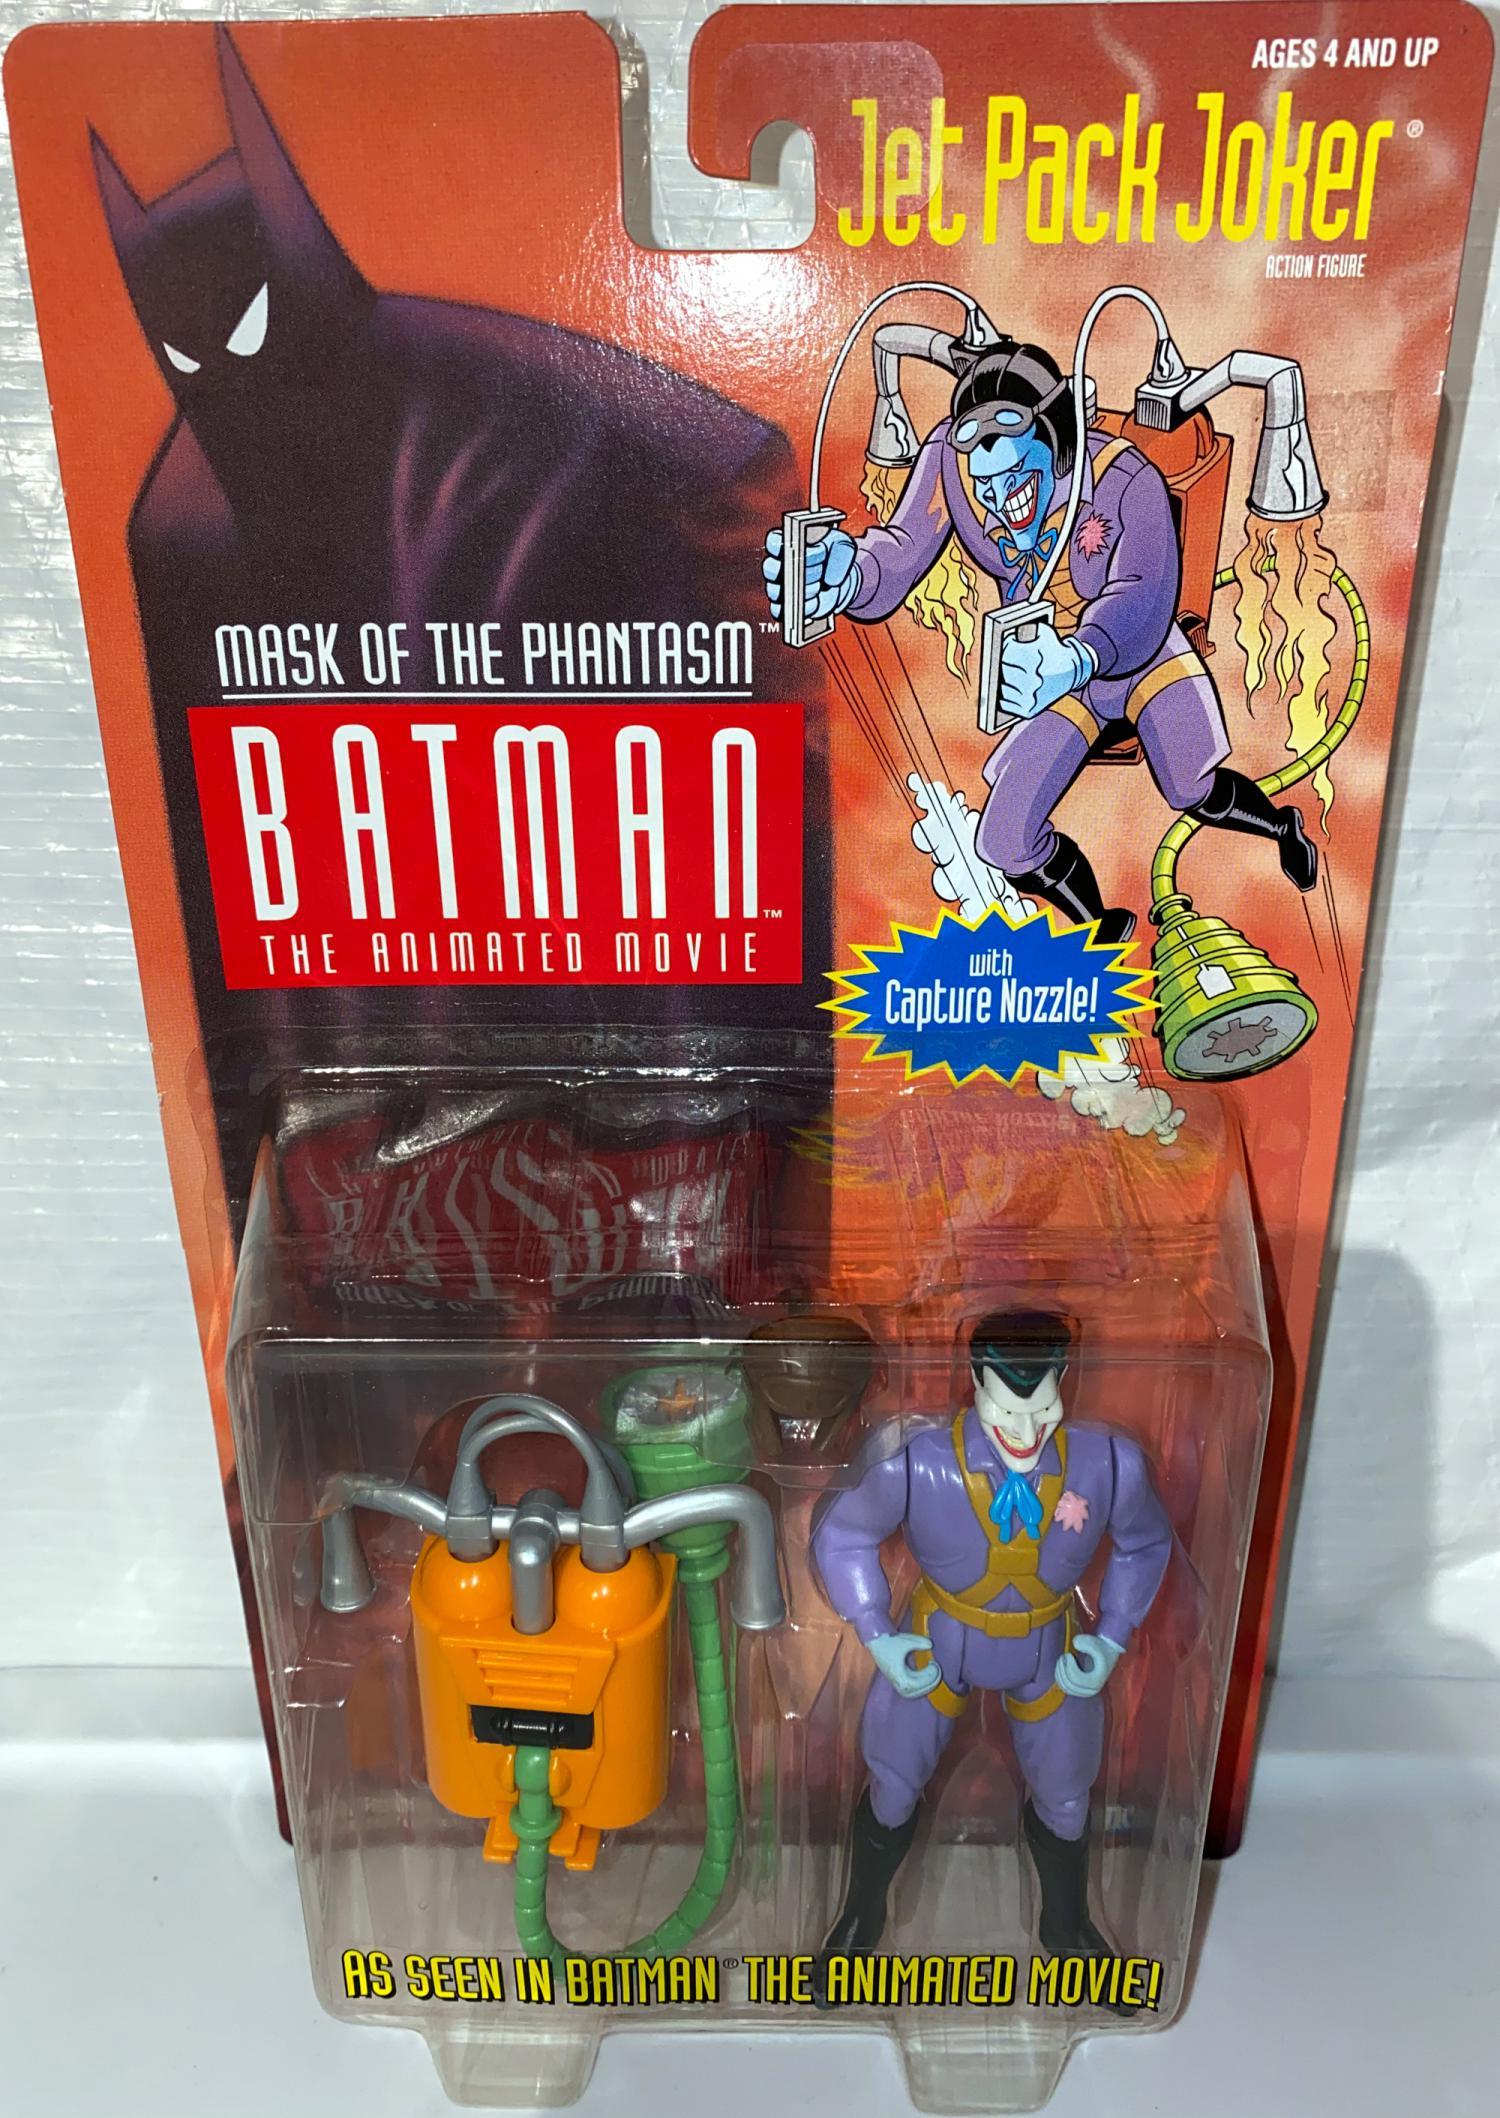 Jet Pack Joker, white face (mask of the phantasm)